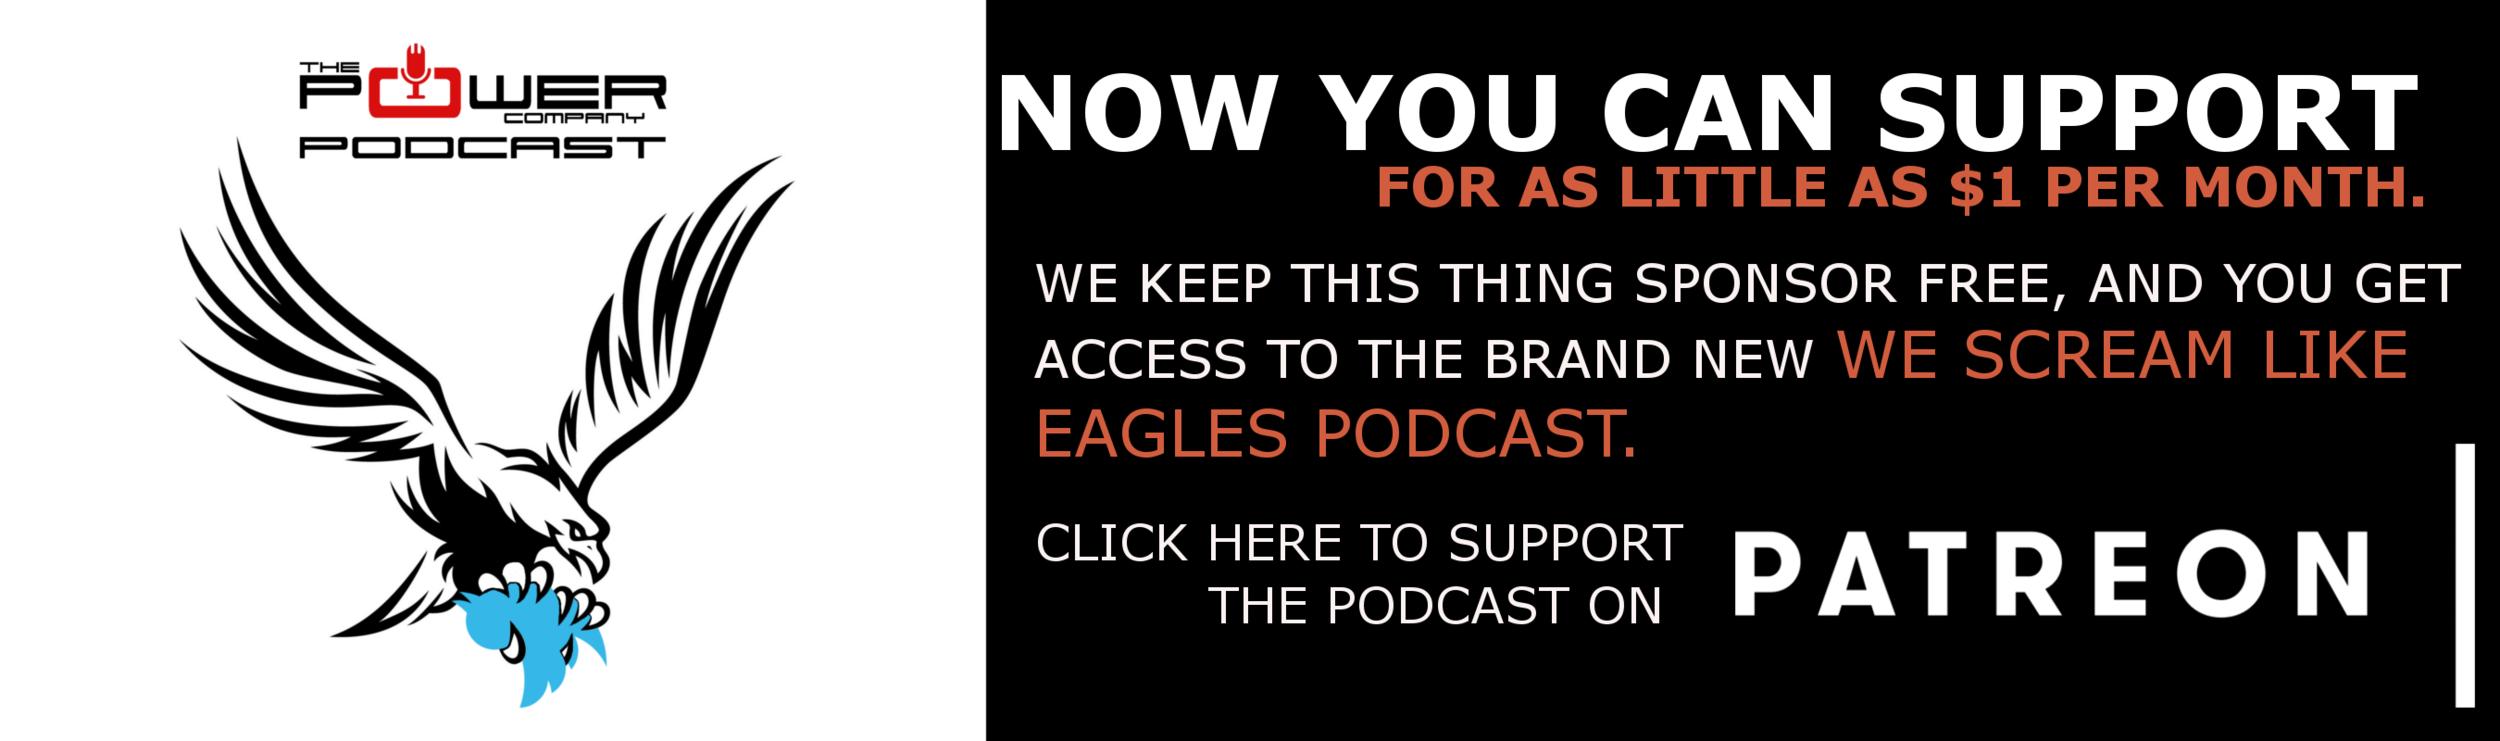 we scream like eagles podcast